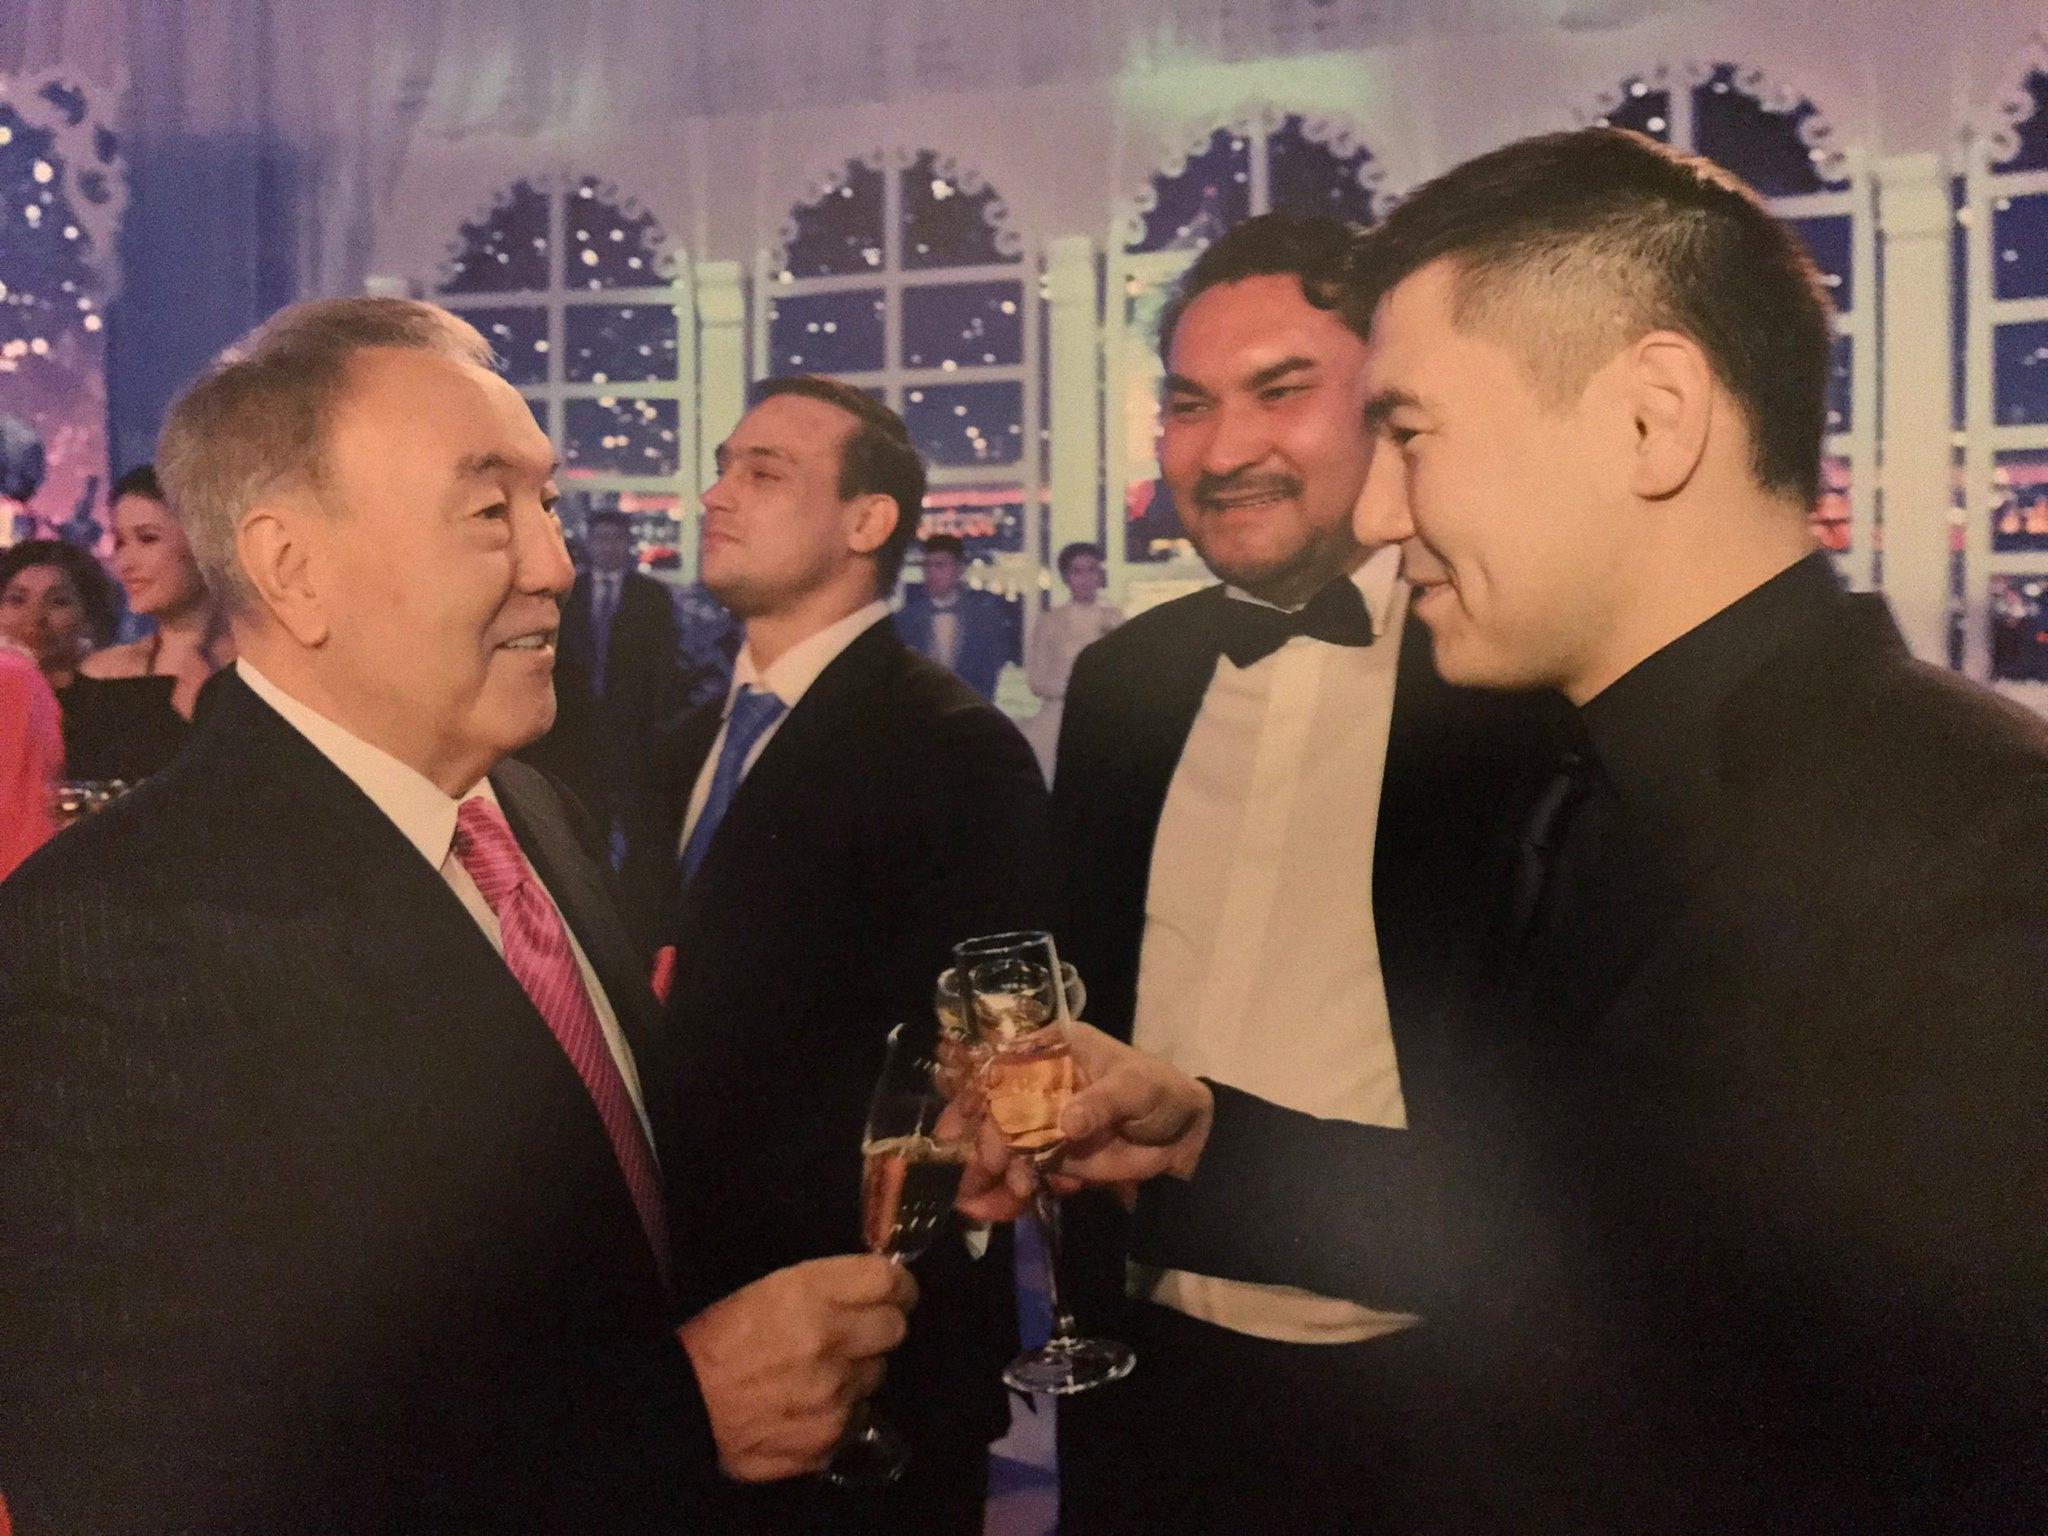 Внук Назарбаева заявил, что он его сын, и попросил убежища в Великобритании